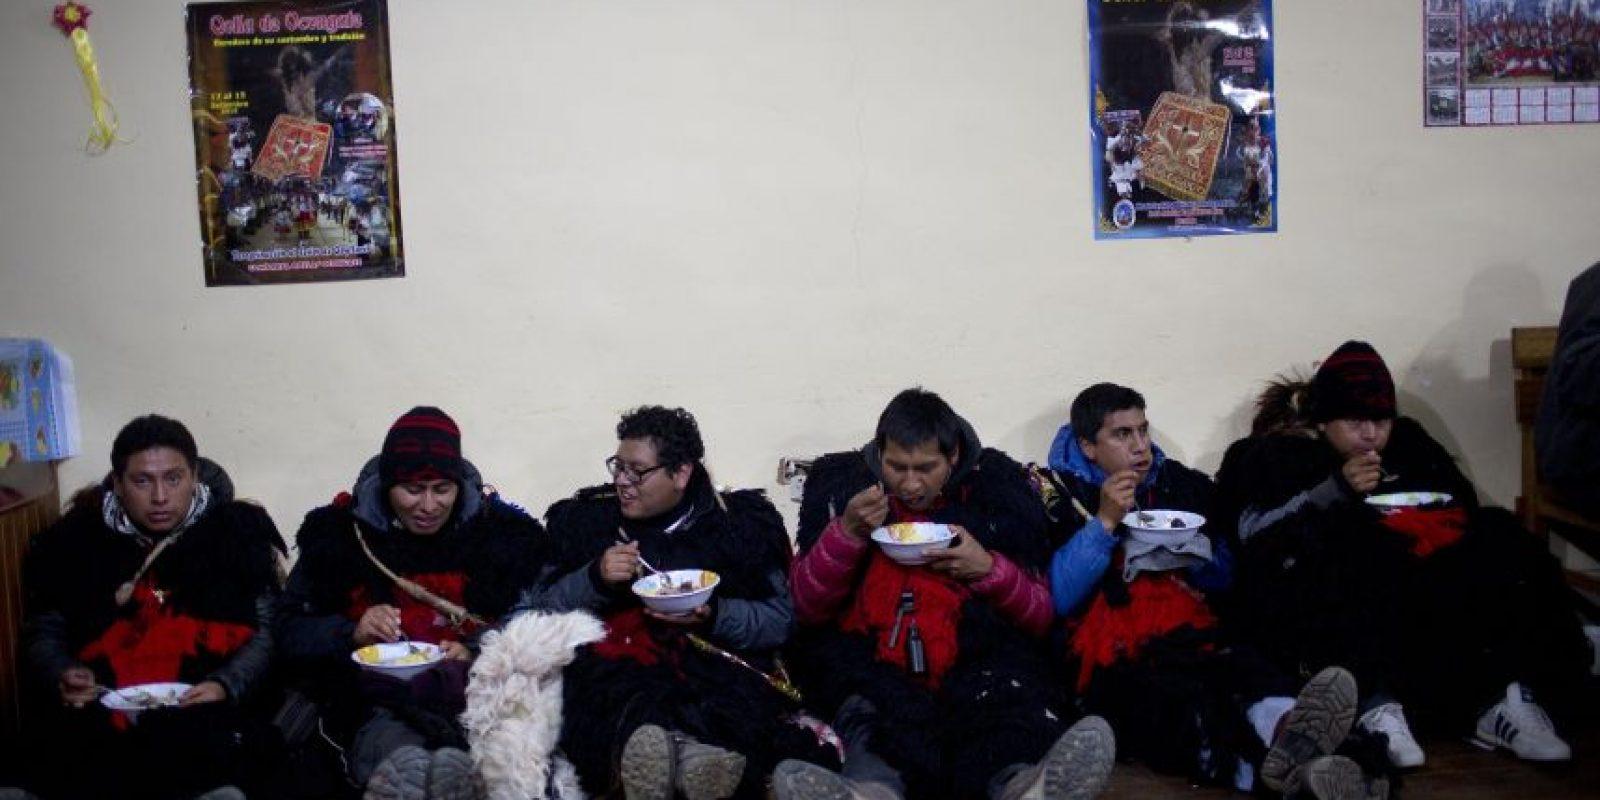 """En esta fotografía del 23 de mayo de 2016 peregrinos vestidos como """"ukukus"""" toman sopa que les dieron los feligreses en una parroquia en la ciudad de Occongate, en la región de Cusco en Perú. El grupo, que incluye músicos y bailarines, se reunió en la ciudad de Paucartambo y viajó en el lecho de un camión al Valle Sinakara para participar en el festival sincrético Qoyllur Rit'i, traducido de la lengua quechua como Estrella de Nieve. Foto:AP Photo/ Rodrigo Abd"""